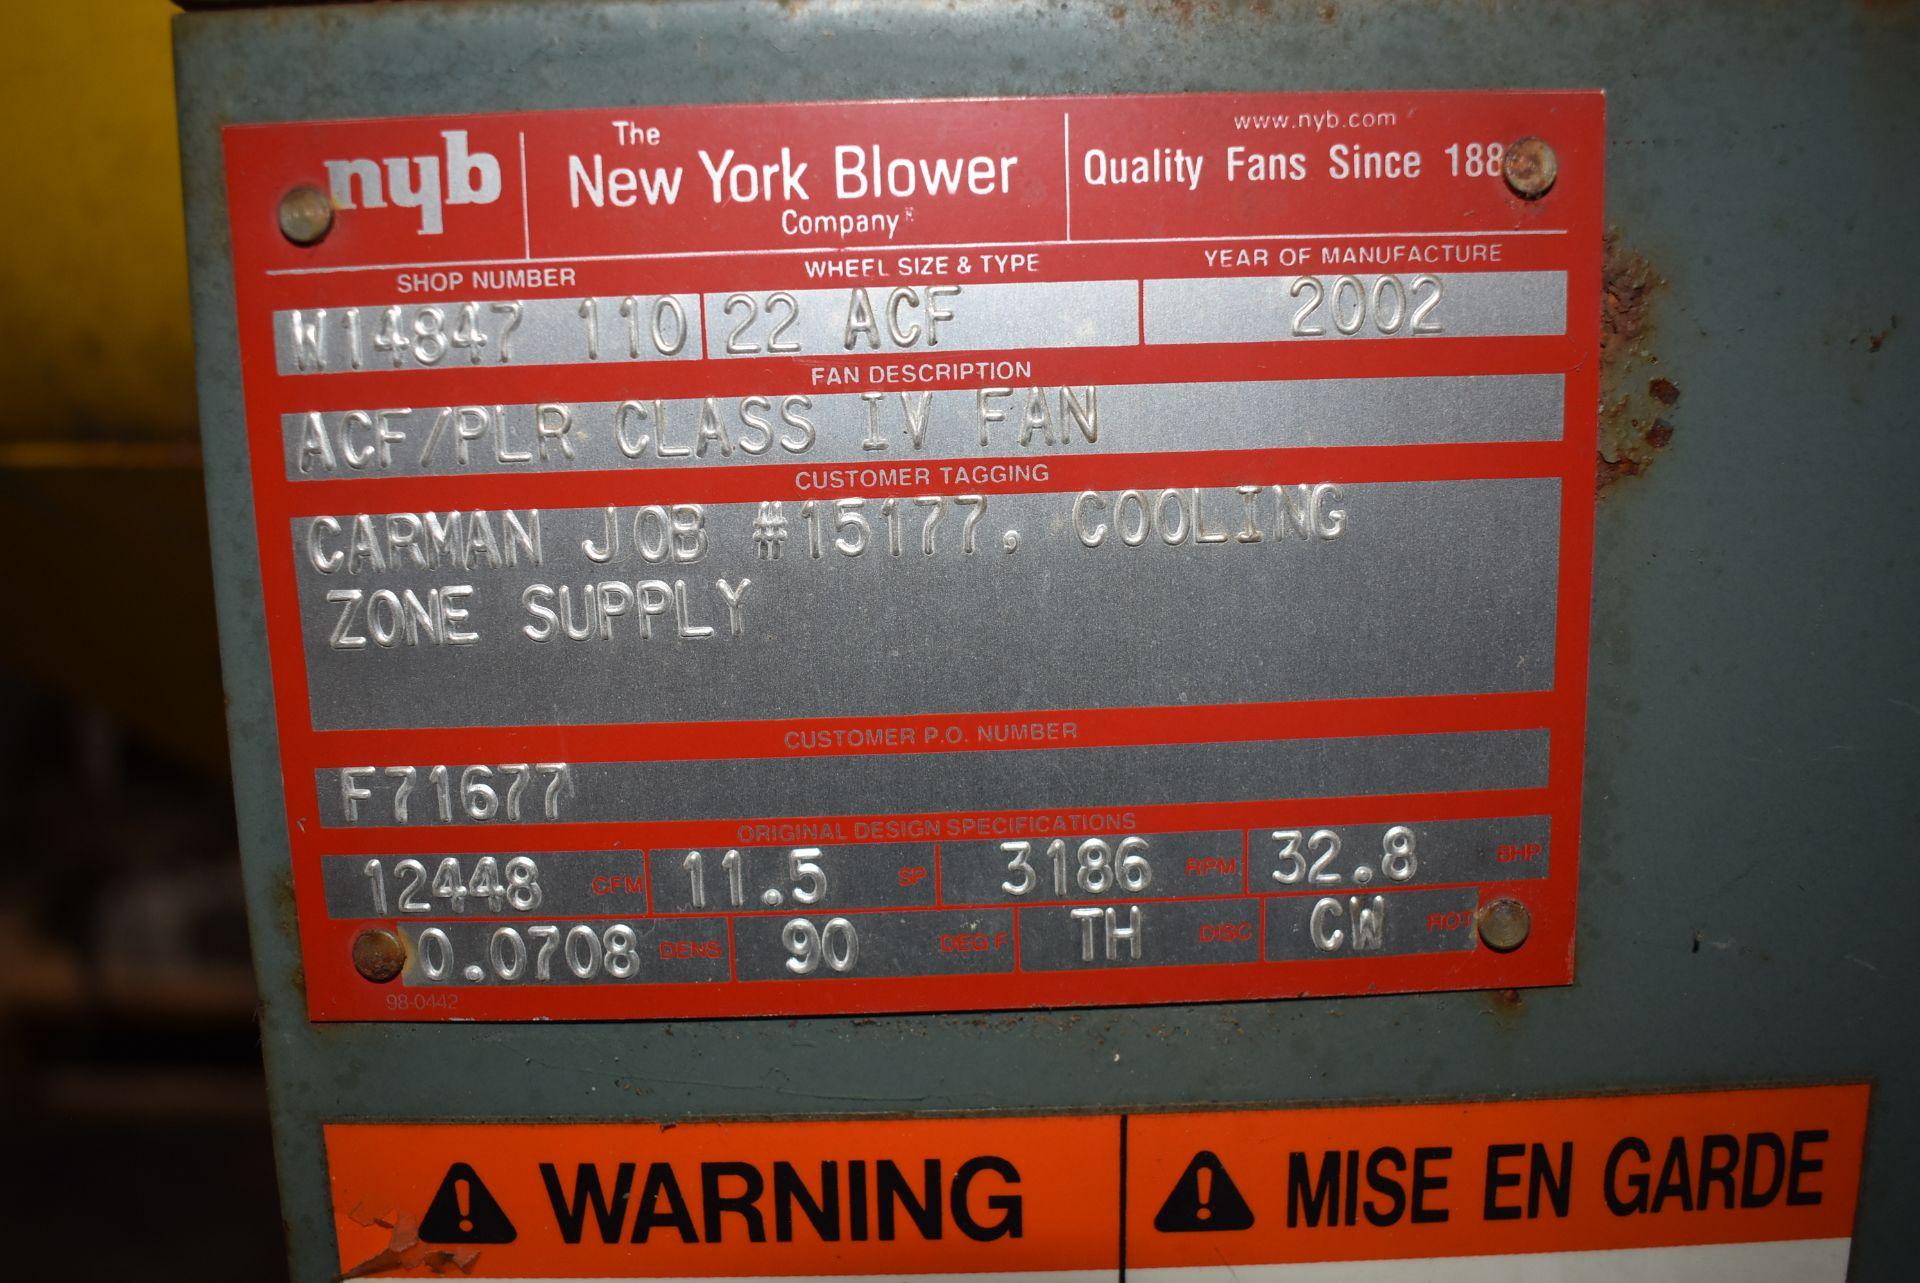 New York Blower, ACF/PLR Fan w/40 HP Motor - Image 2 of 4